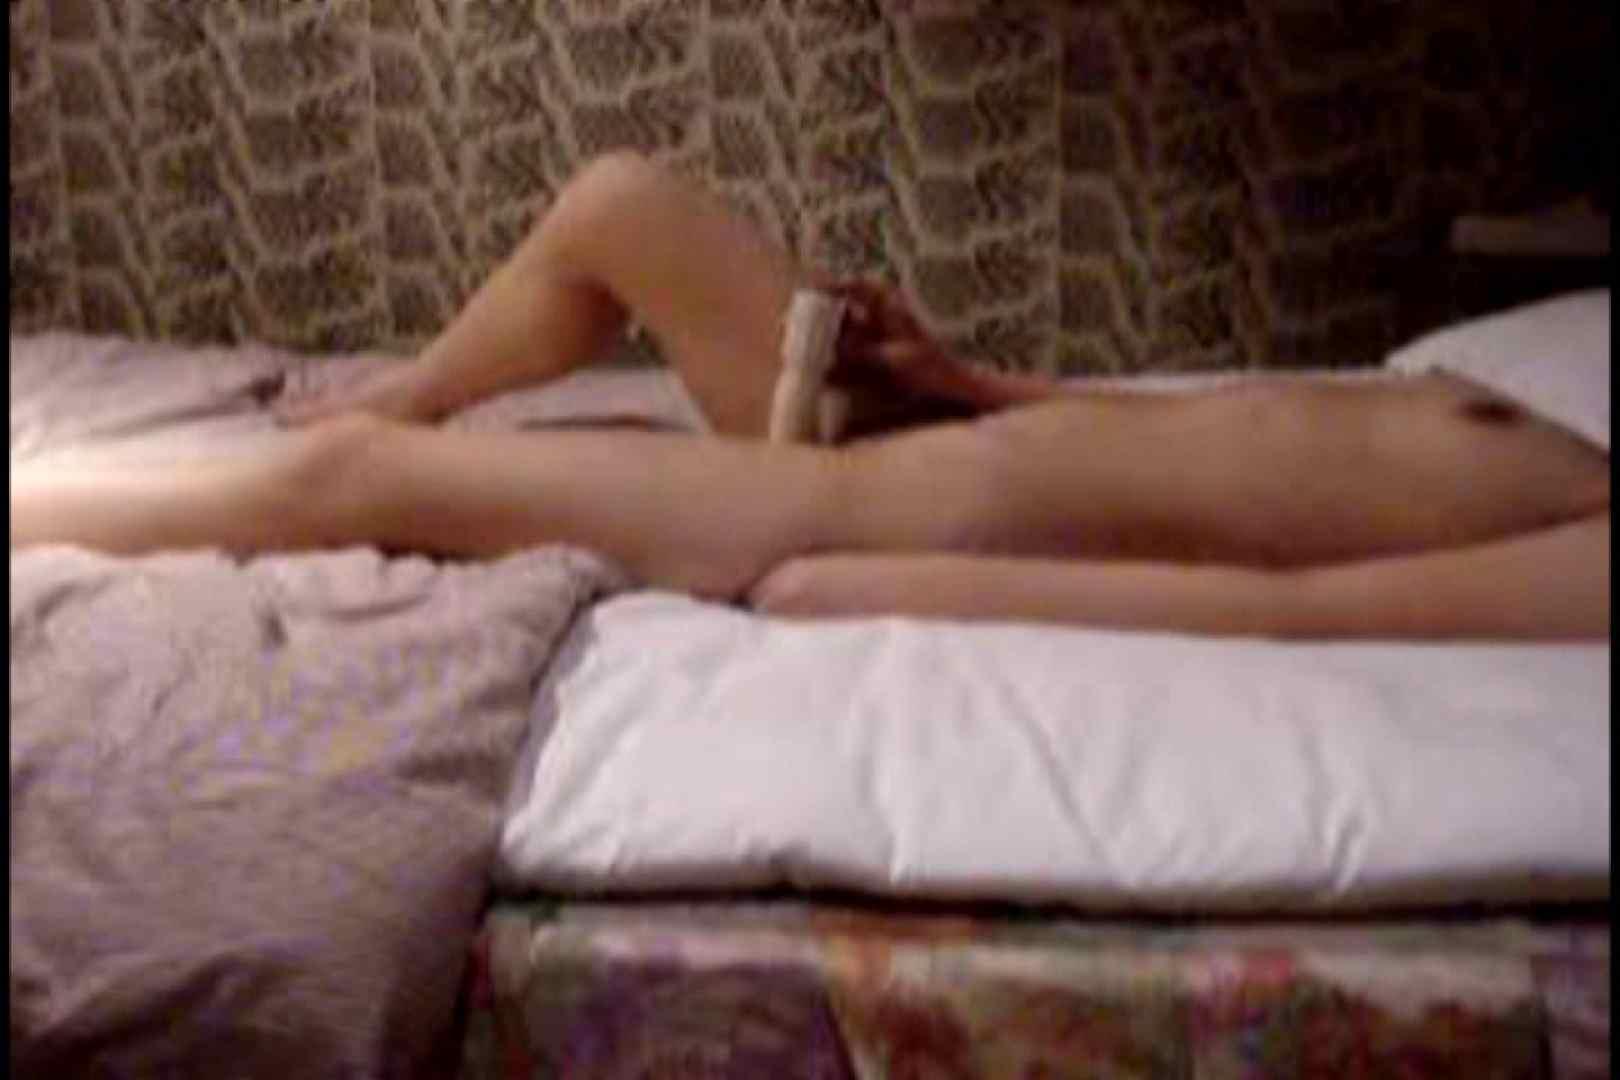 ウイルス流出 九州工学部女子大生藤野瑠美 女子大生  83連発 52